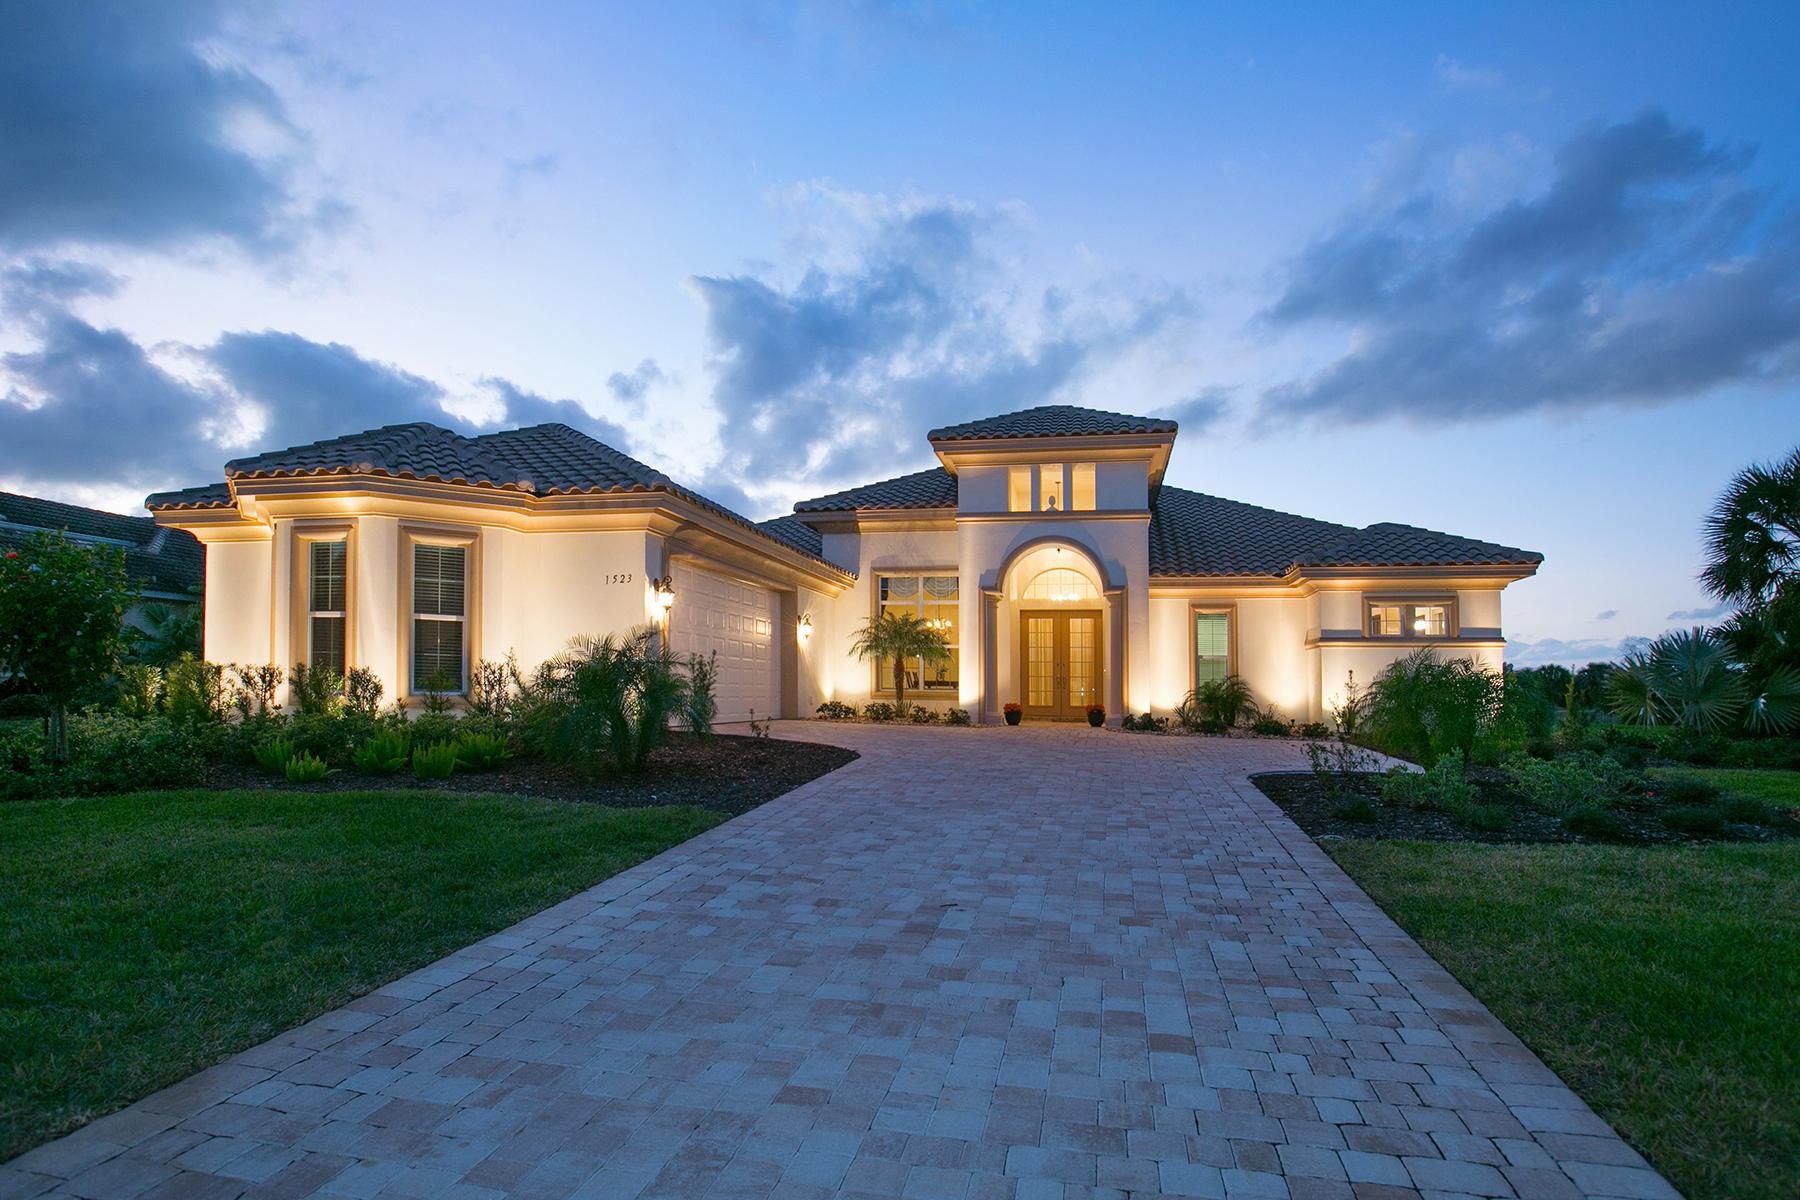 단독 가정 주택 용 매매 에 BOCA ROYALE 1523 Raphis Royale Blvd Englewood, 플로리다 34223 미국